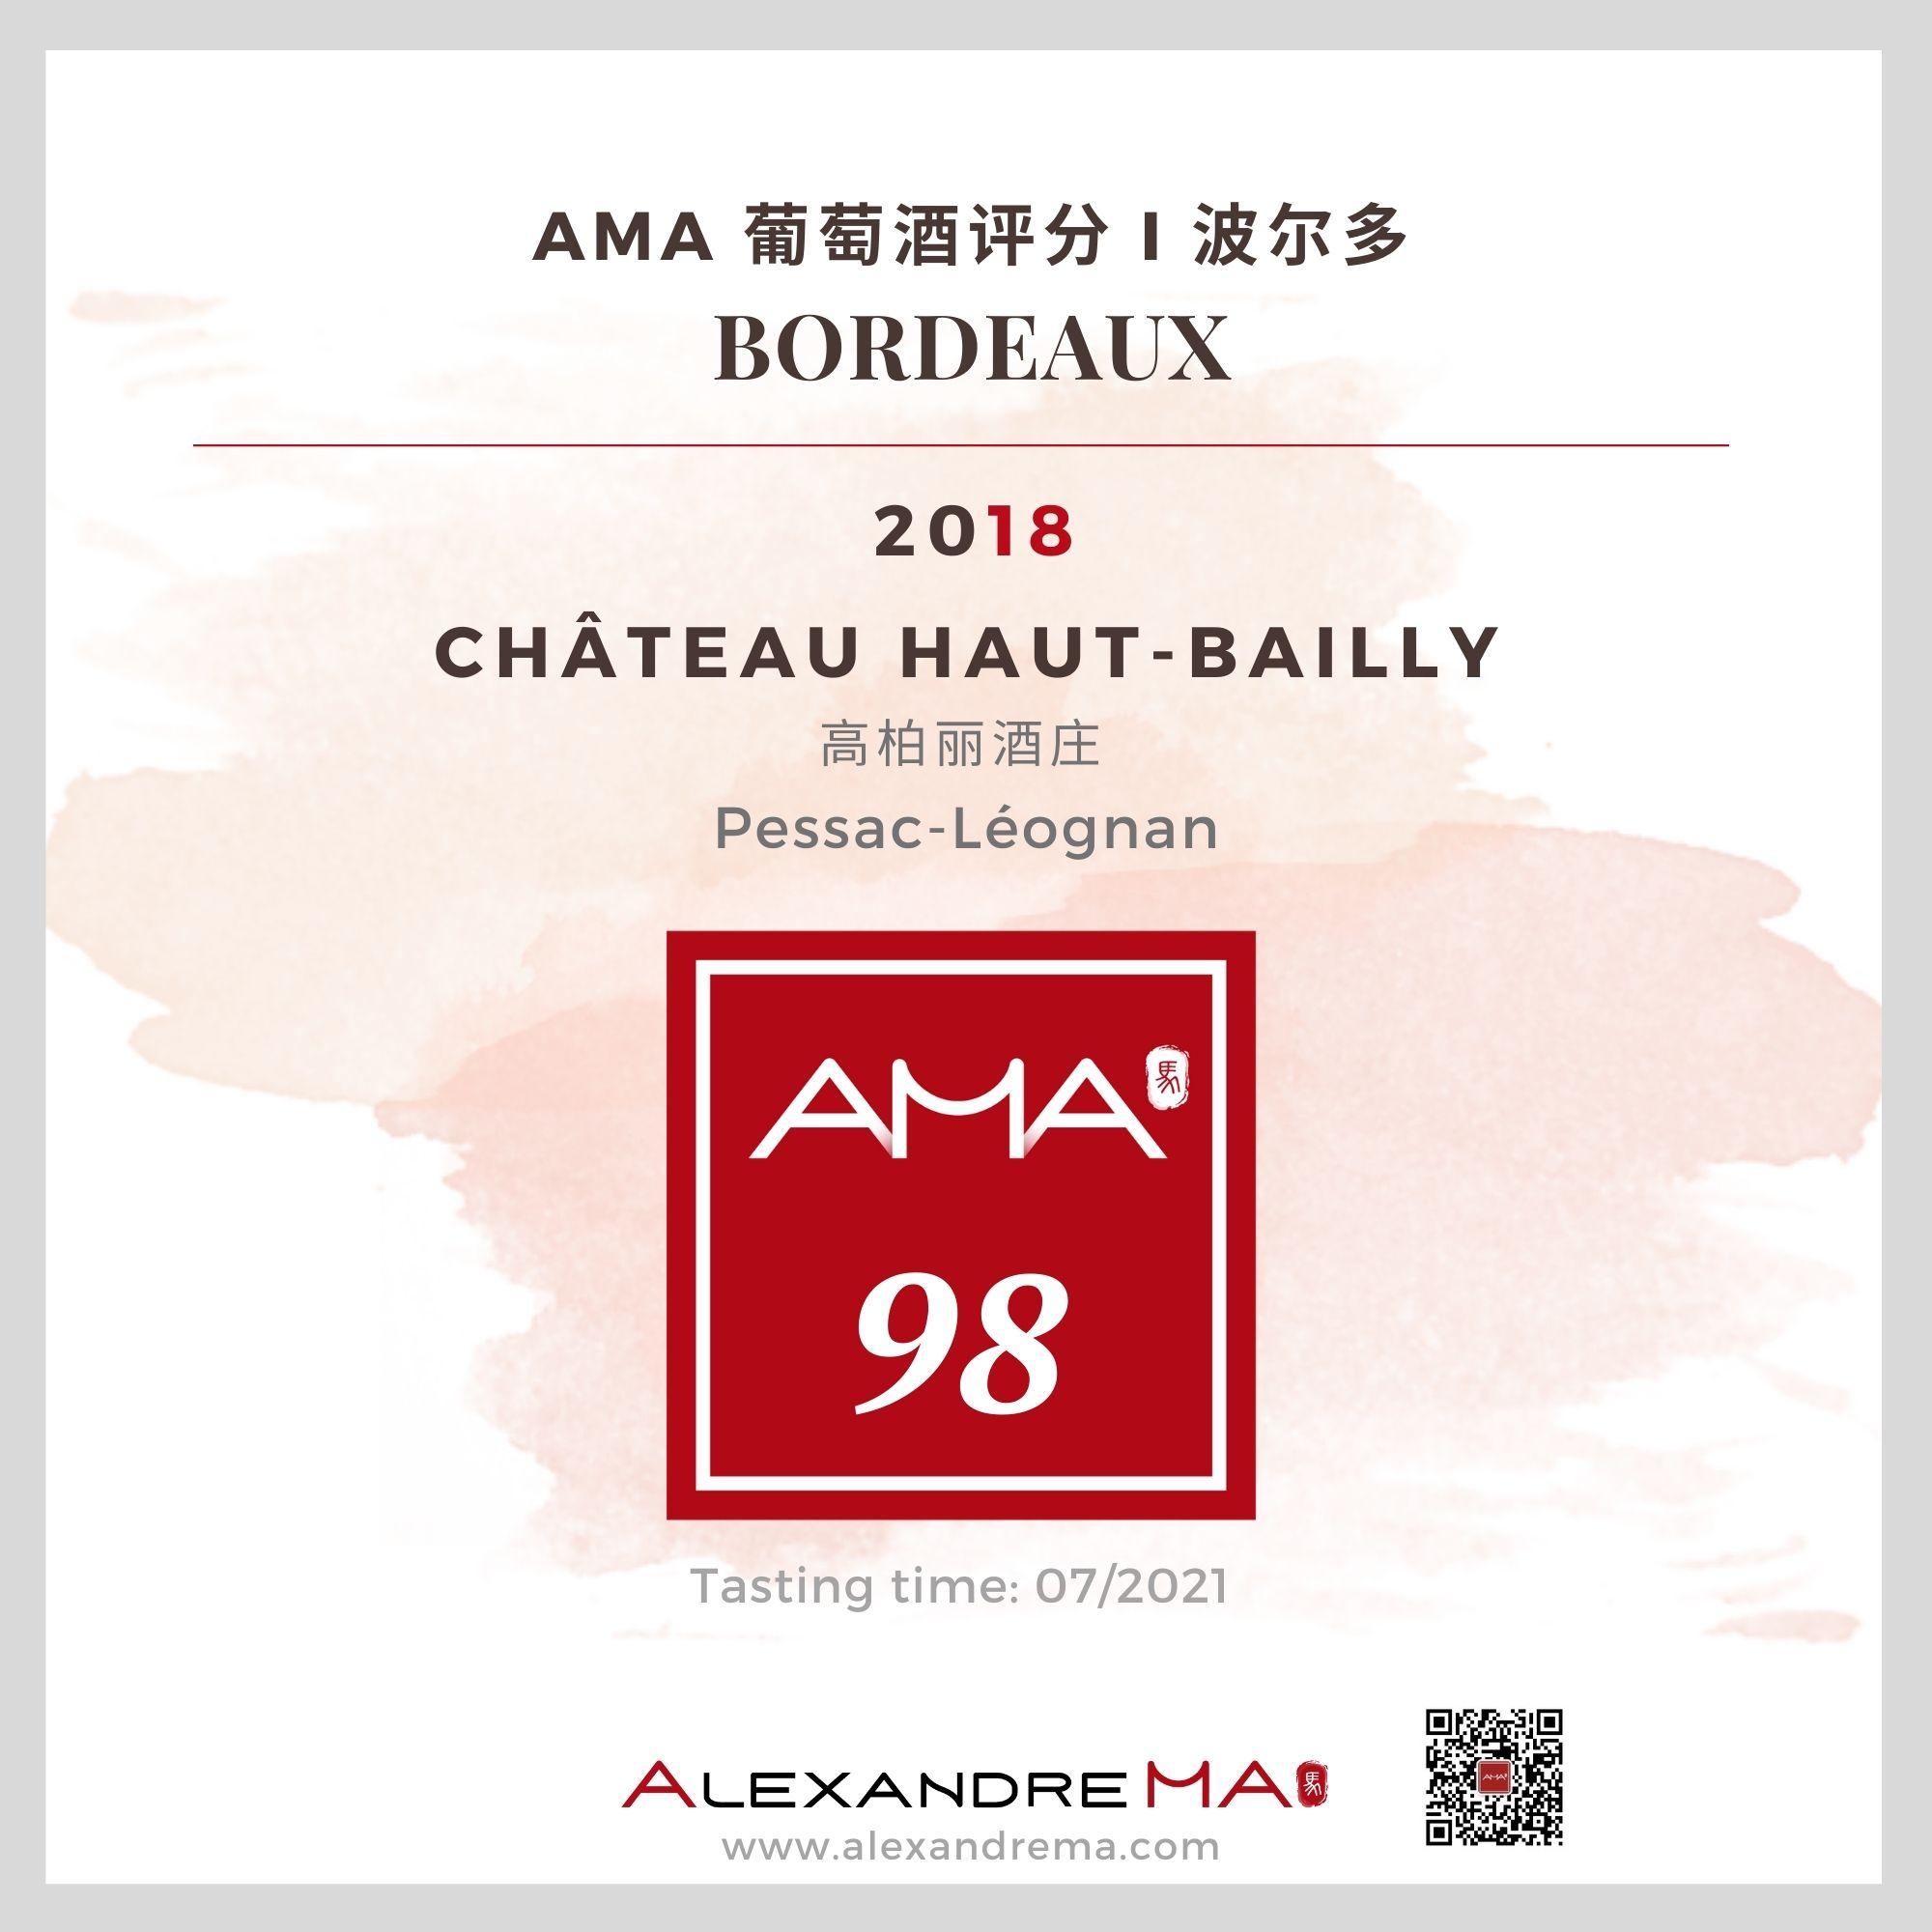 Château Haut-Bailly 2018 - Alexandre MA